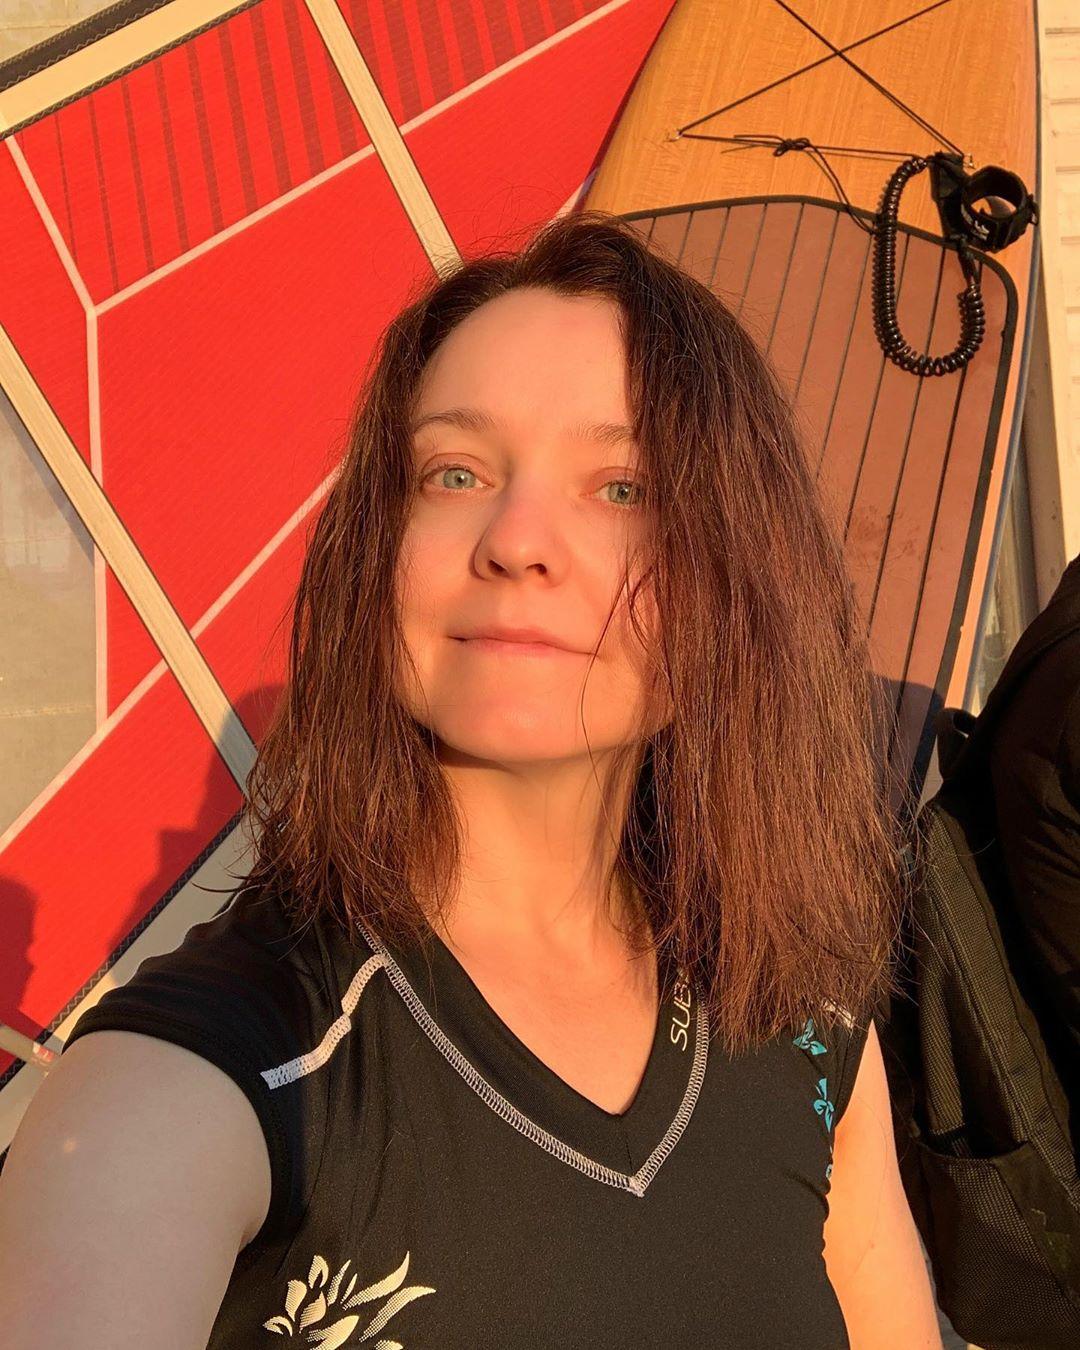 Потри Рыжего: Валентина Рубцова показала, как каждый может потрогать Андрея Григорьева-Апполонова